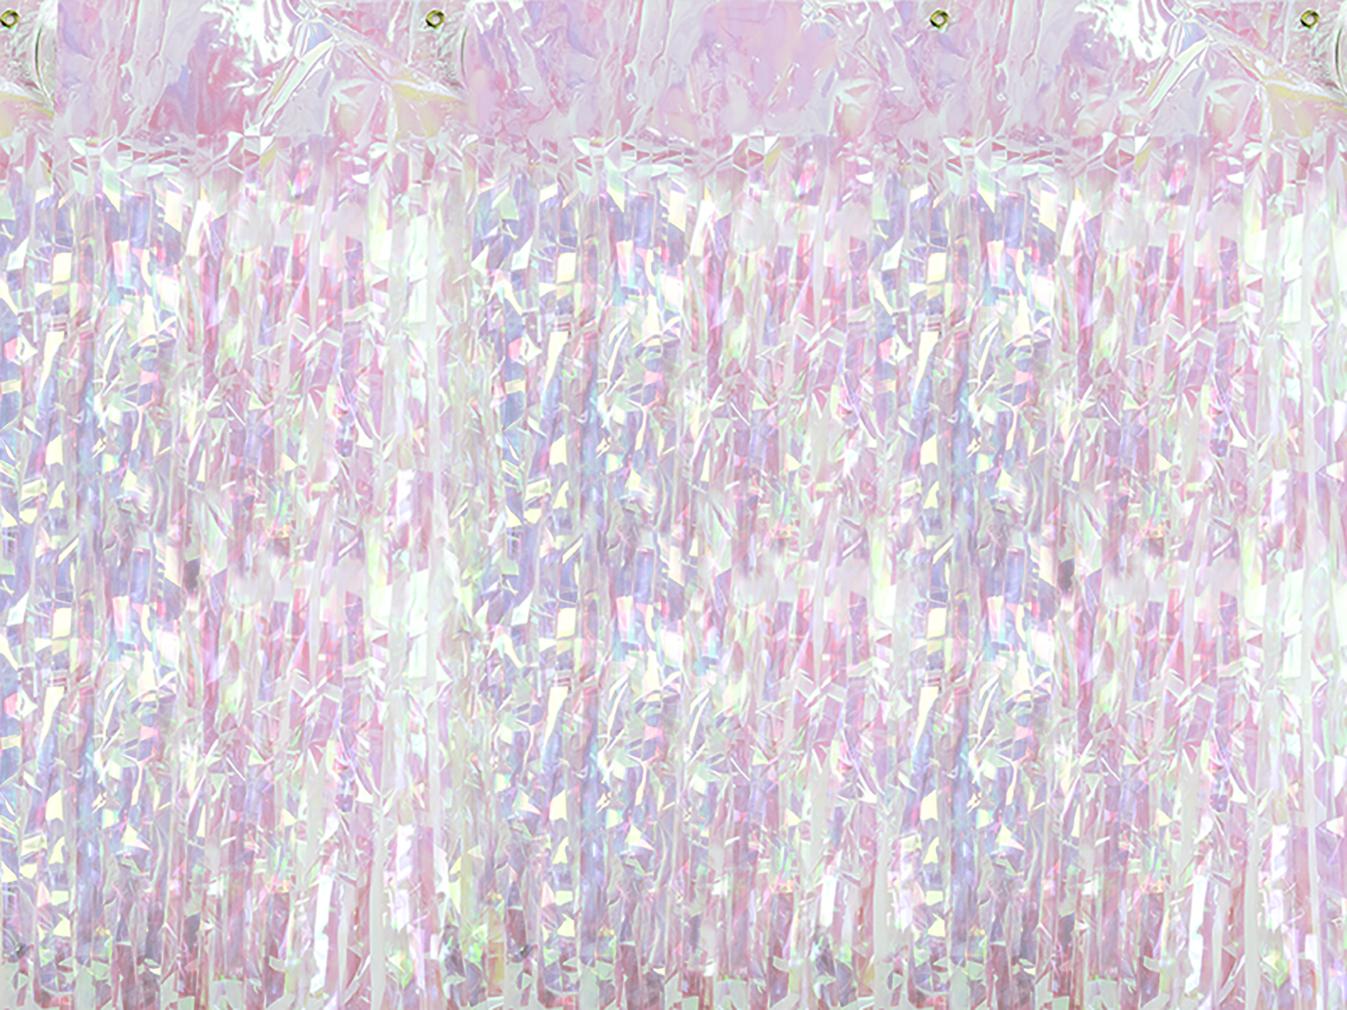 2x Party-Vorhang mit Regenbogenfarben-Effekt für Geburtstagsparty Partyraum Lametta-Vorhang